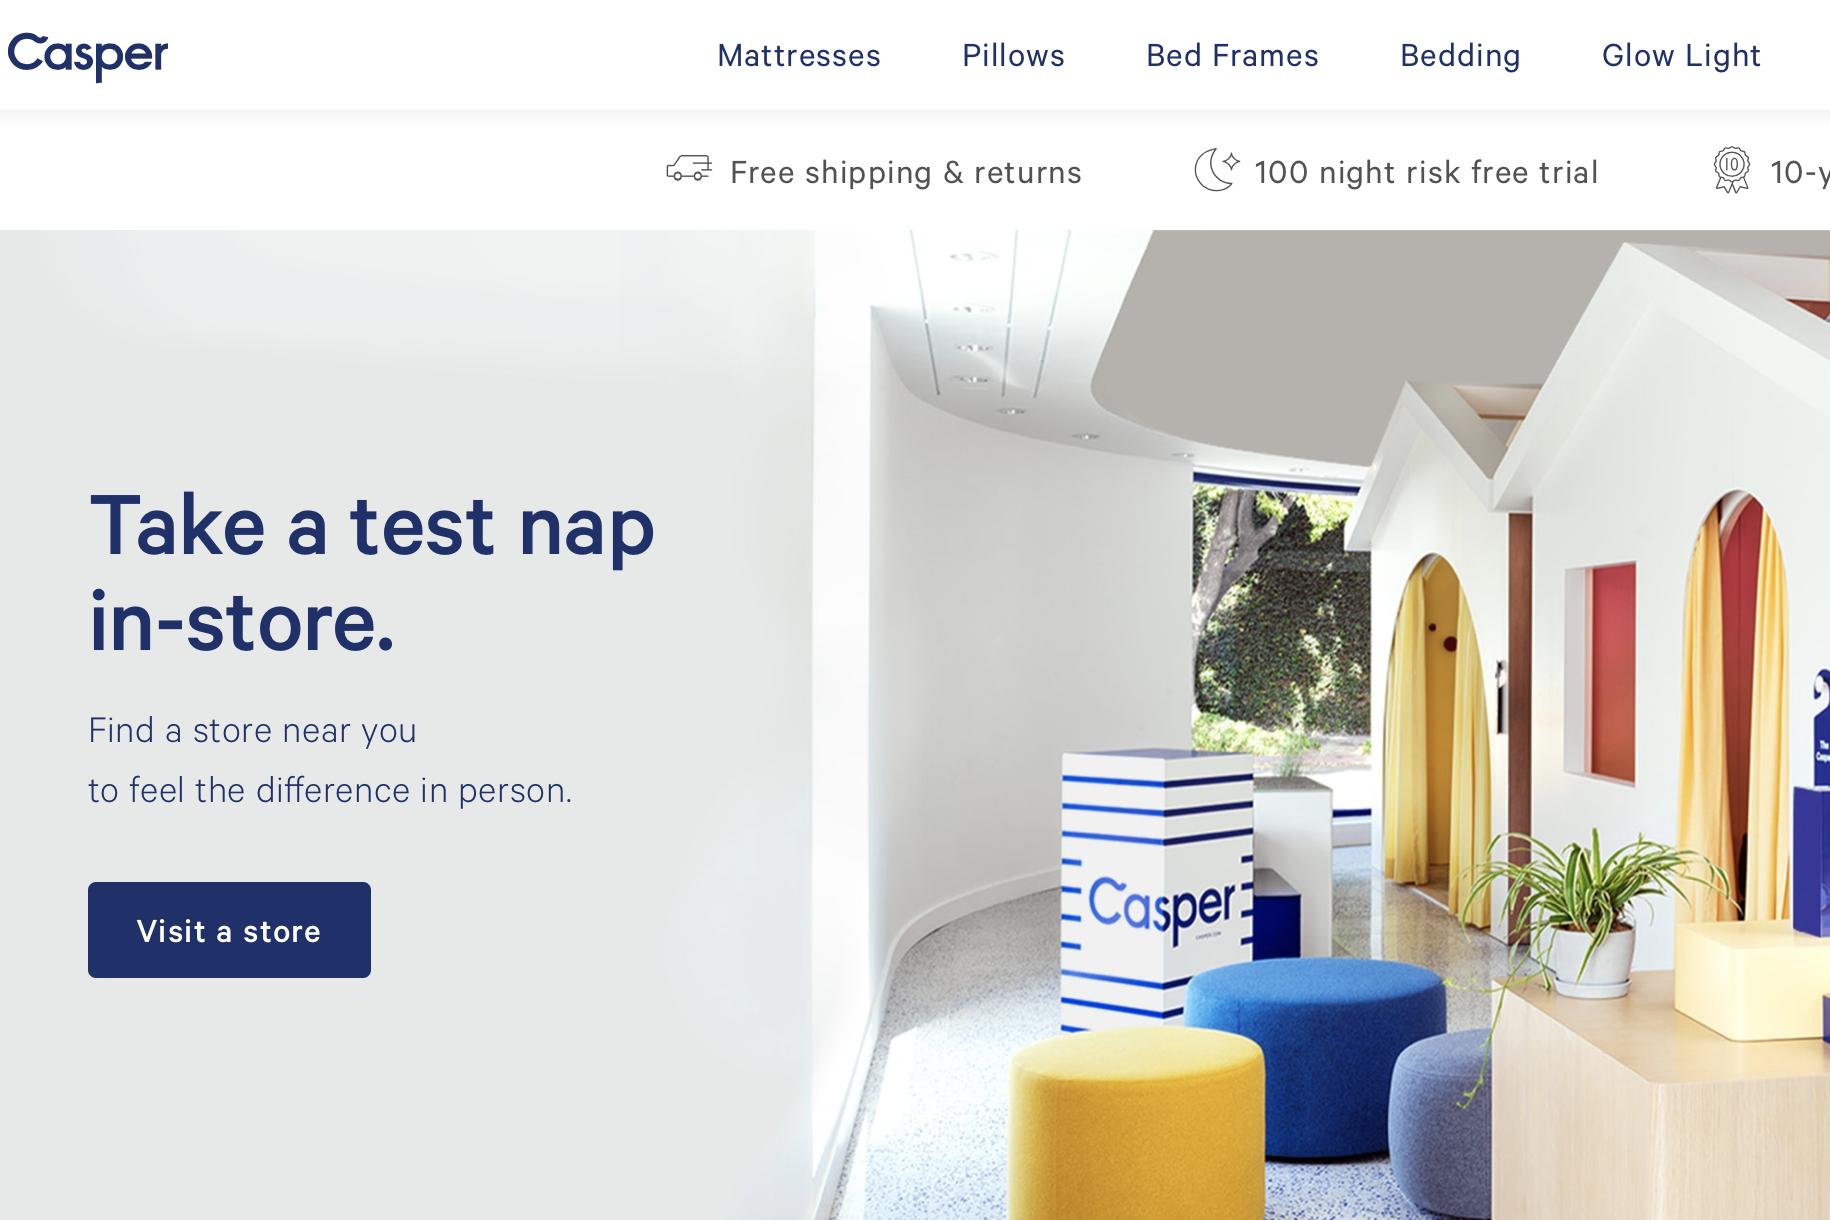 美国互联网床垫品牌 Casper 申请上市,年销售近4亿美元,但亏损依然严重